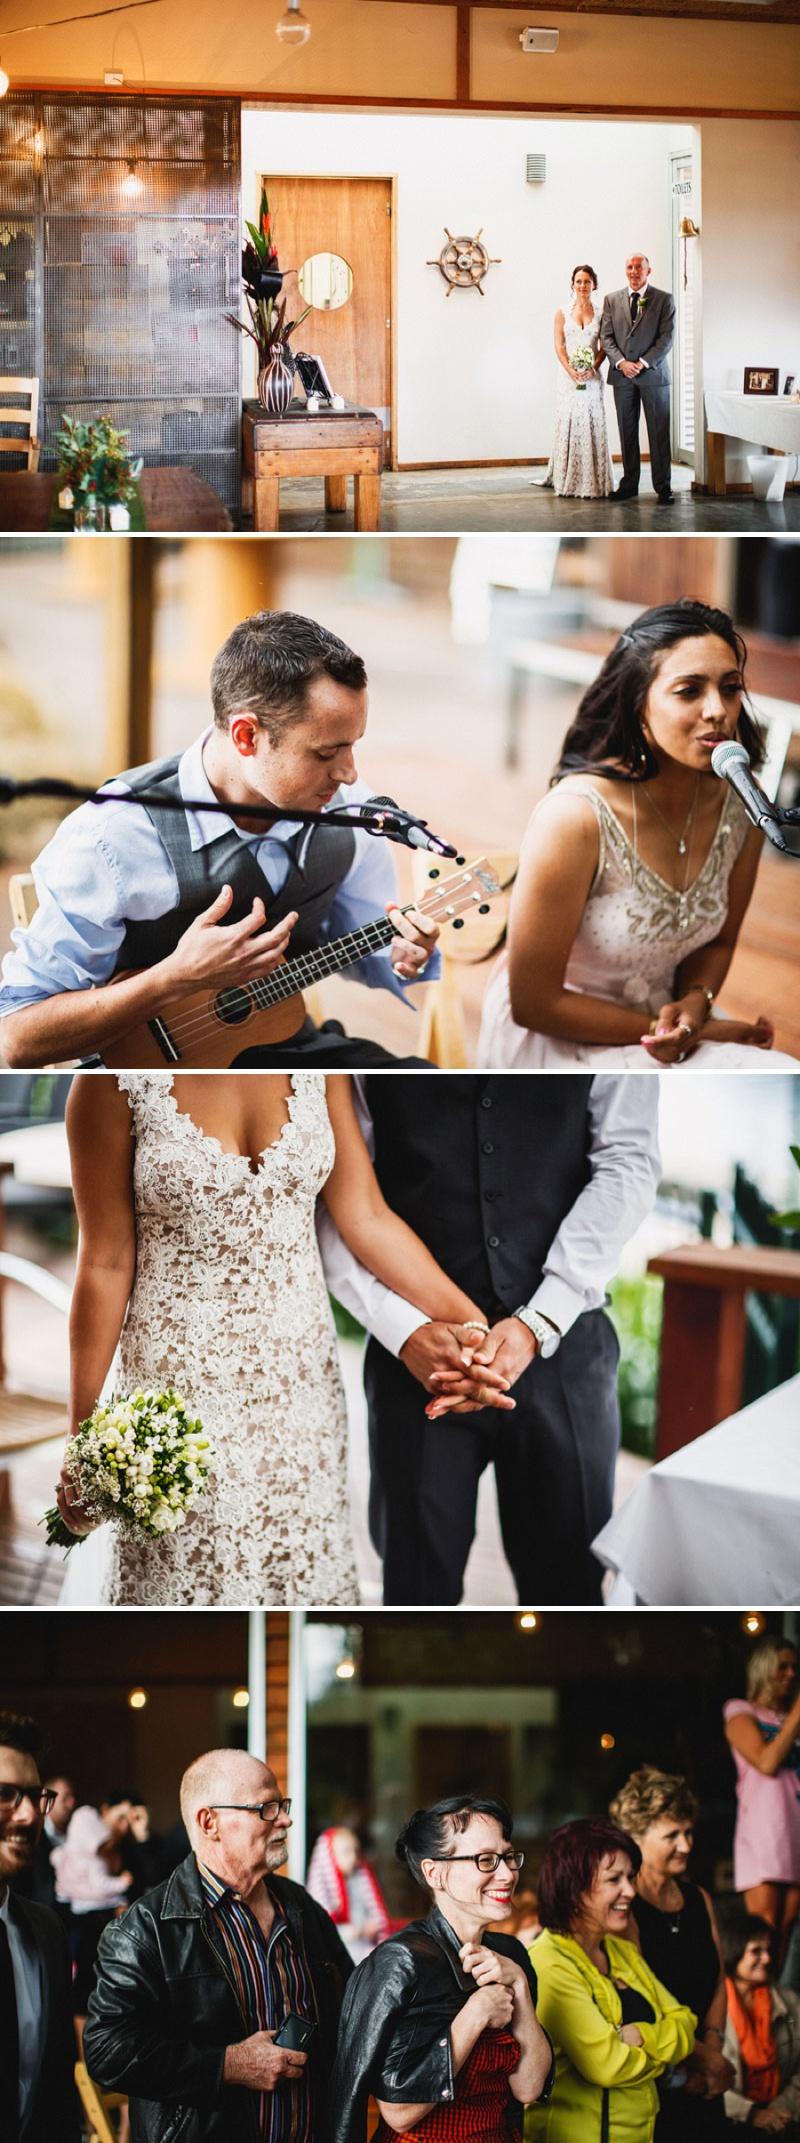 Tim Manger Wedding Celebrant Australia